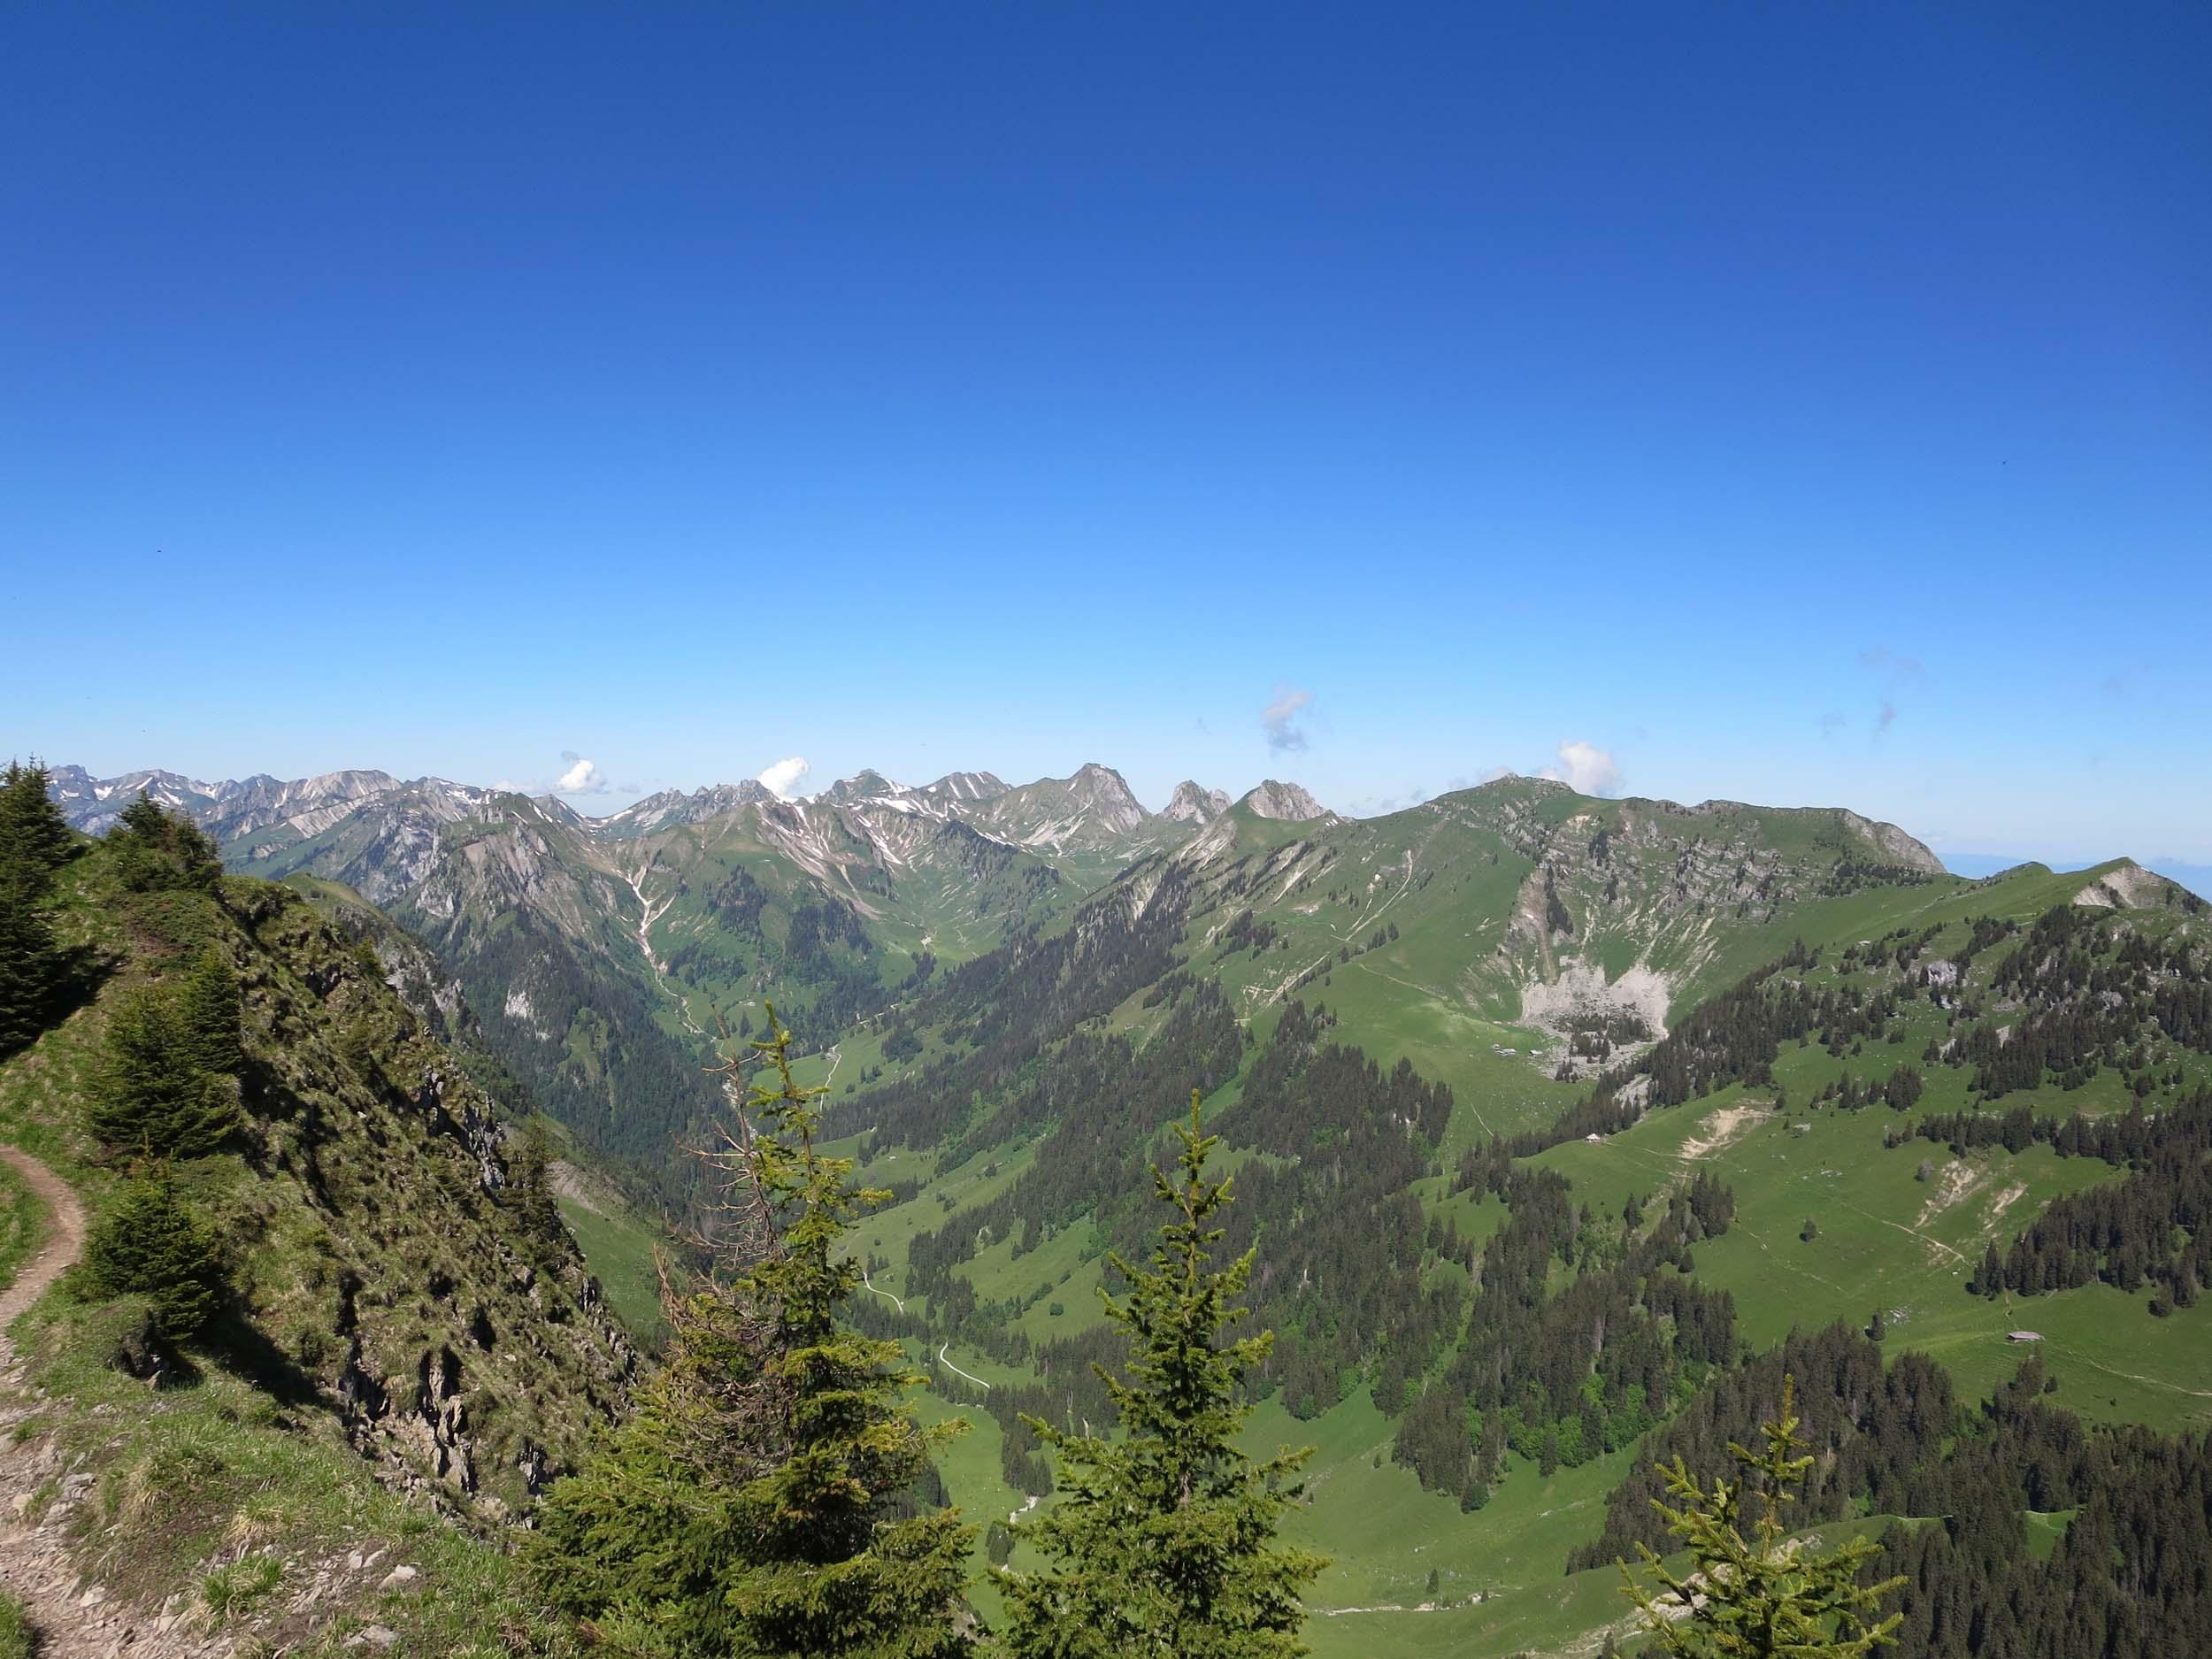 2016-06-23 10-40-52 stockhorn_038.jpg